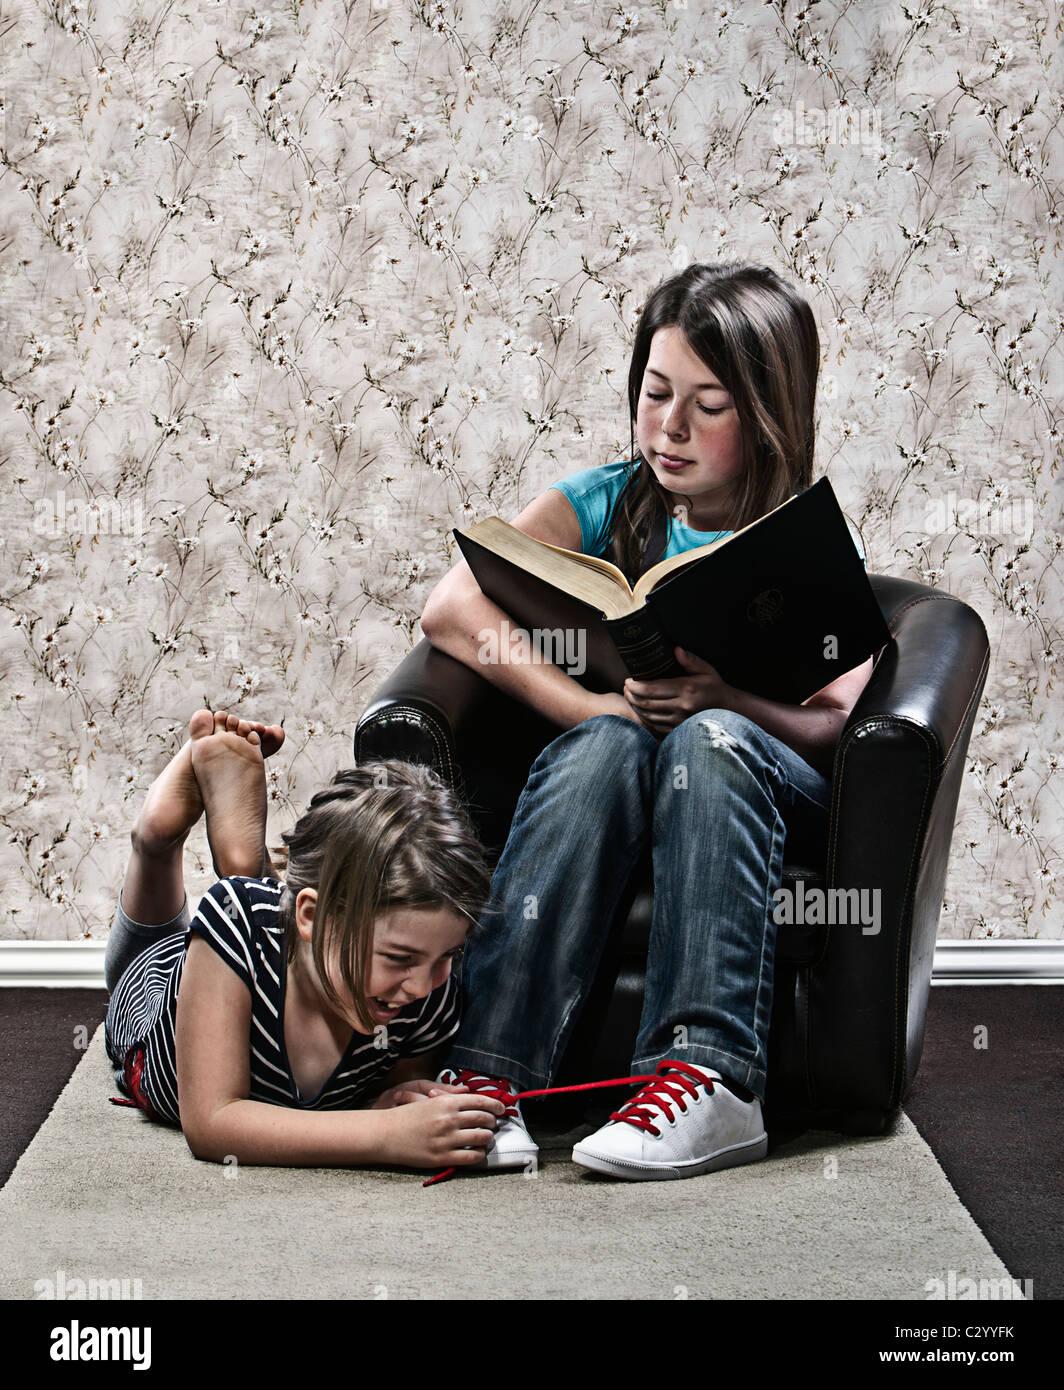 Attacher les lacets Fille de Sœur alors qu'elle lit un livre Photo Stock